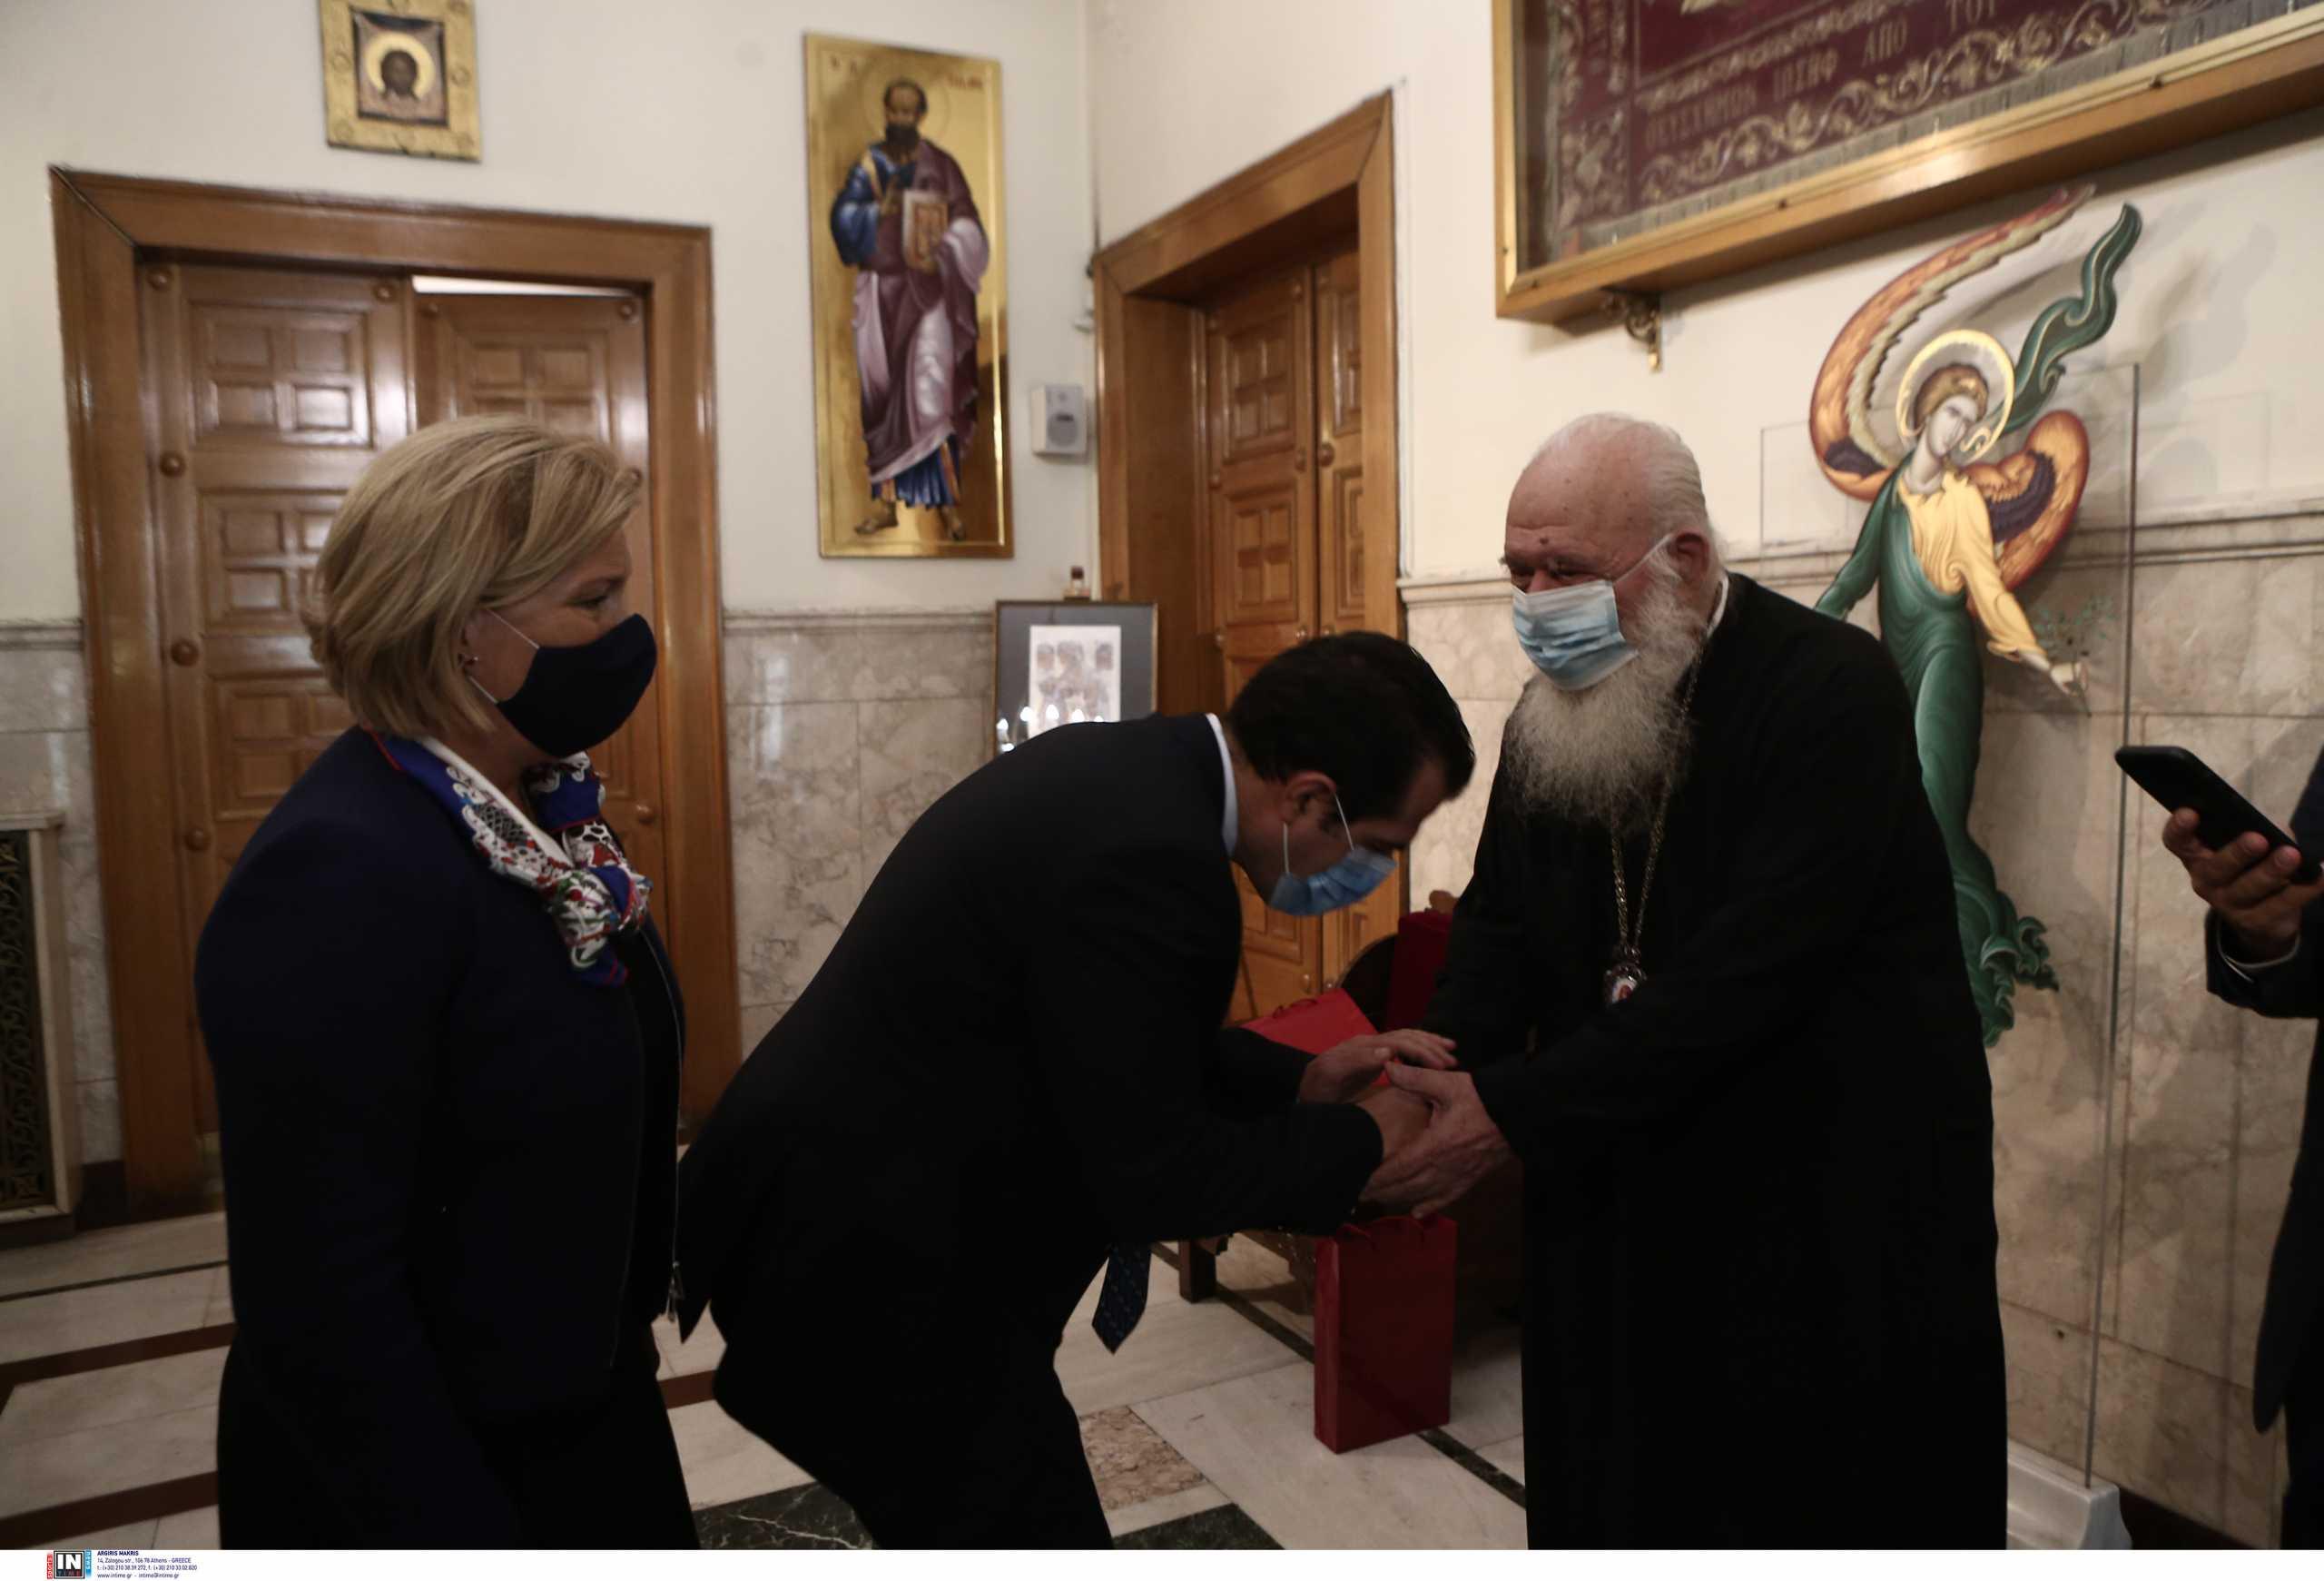 Ο Ιερώνυμος διαβεβαίωσε Πλεύρη και Γκάγκα: Η Εκκλησία αρωγός για τους εμβολιασμούς